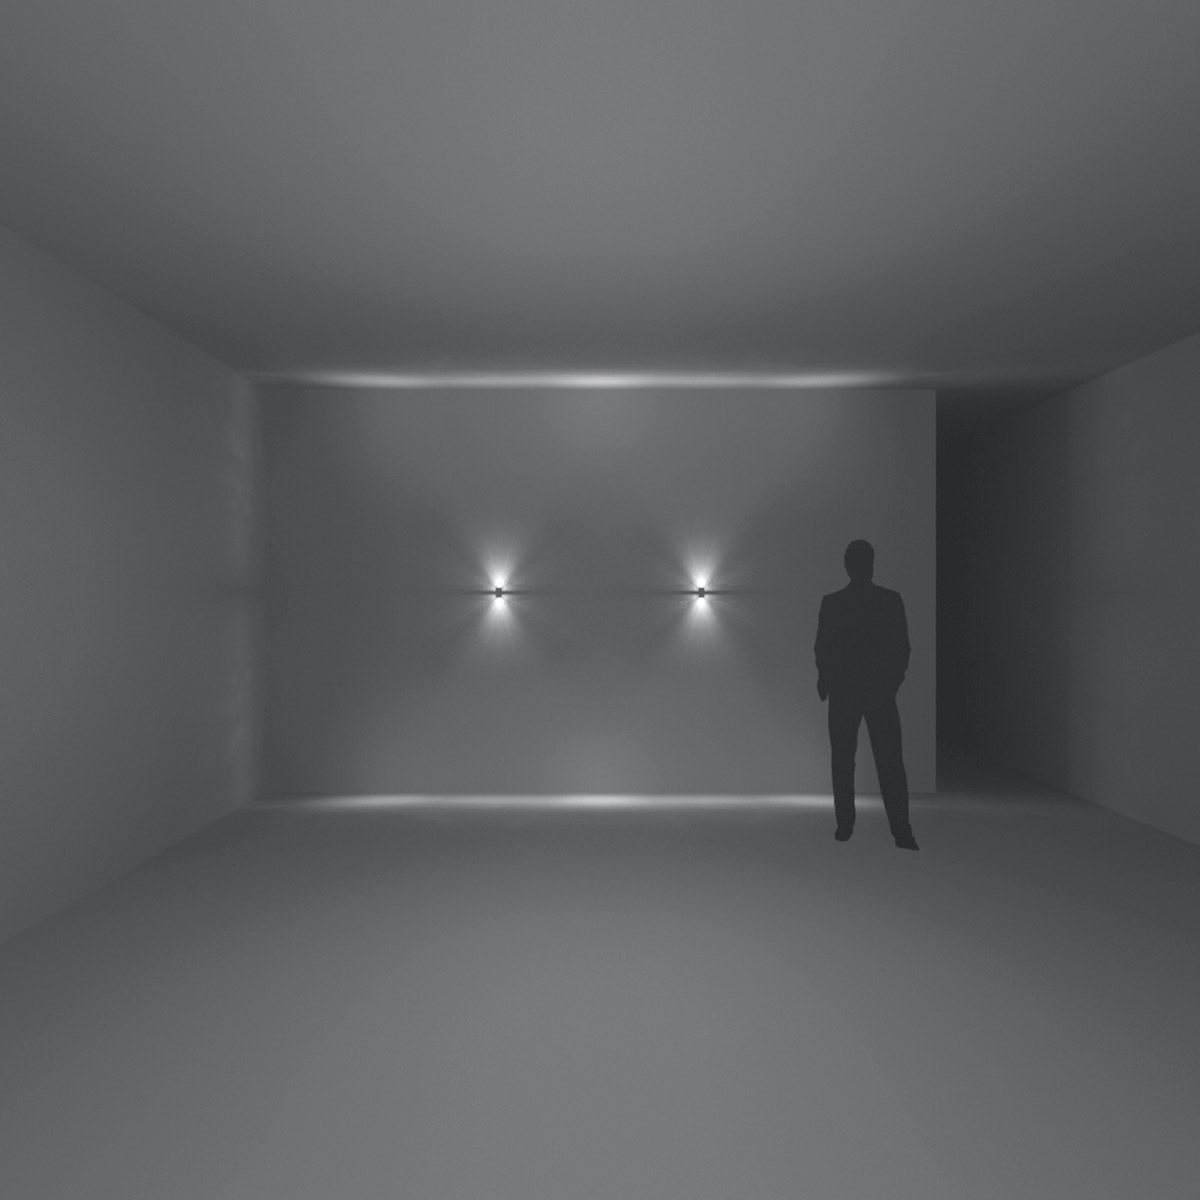 Eclairage d'ambiance, lumière d'ambiance, lame de lumière intérieur, scénario lumineux